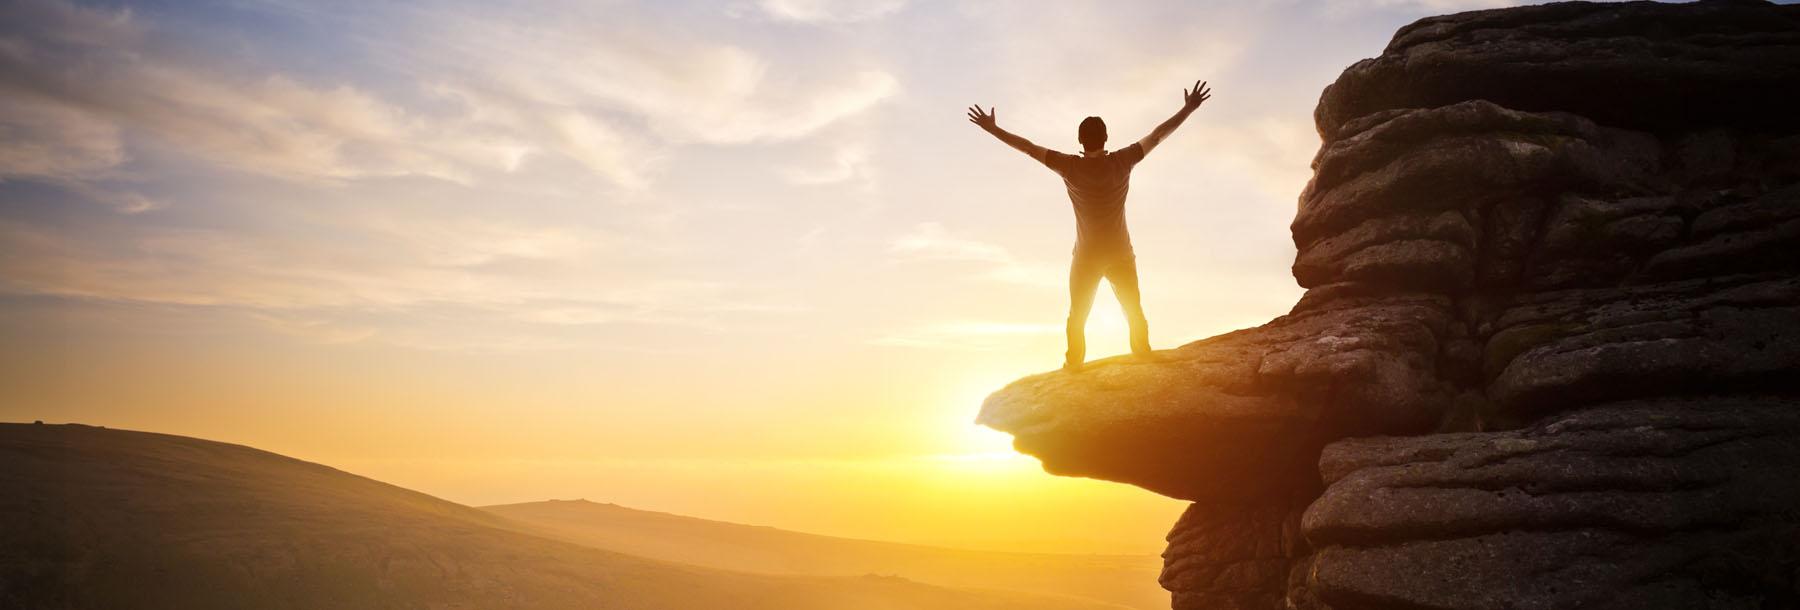 Ali res moram k psihoterapevtu, da bom srečen in uspešen?